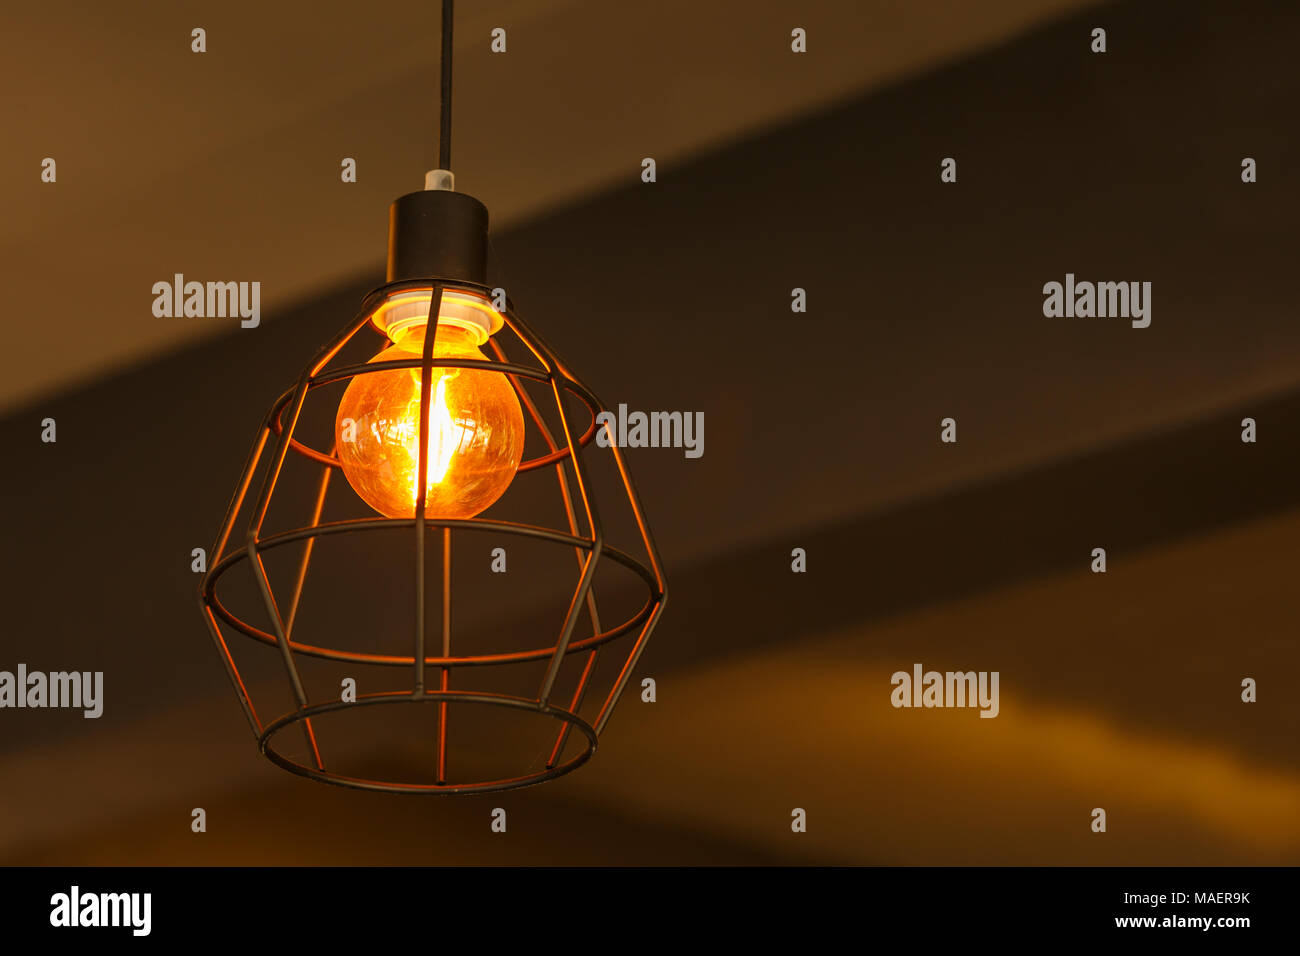 Alte moderne Lampe im Wohnzimmer Stockfoto, Bild: 178575871 ...